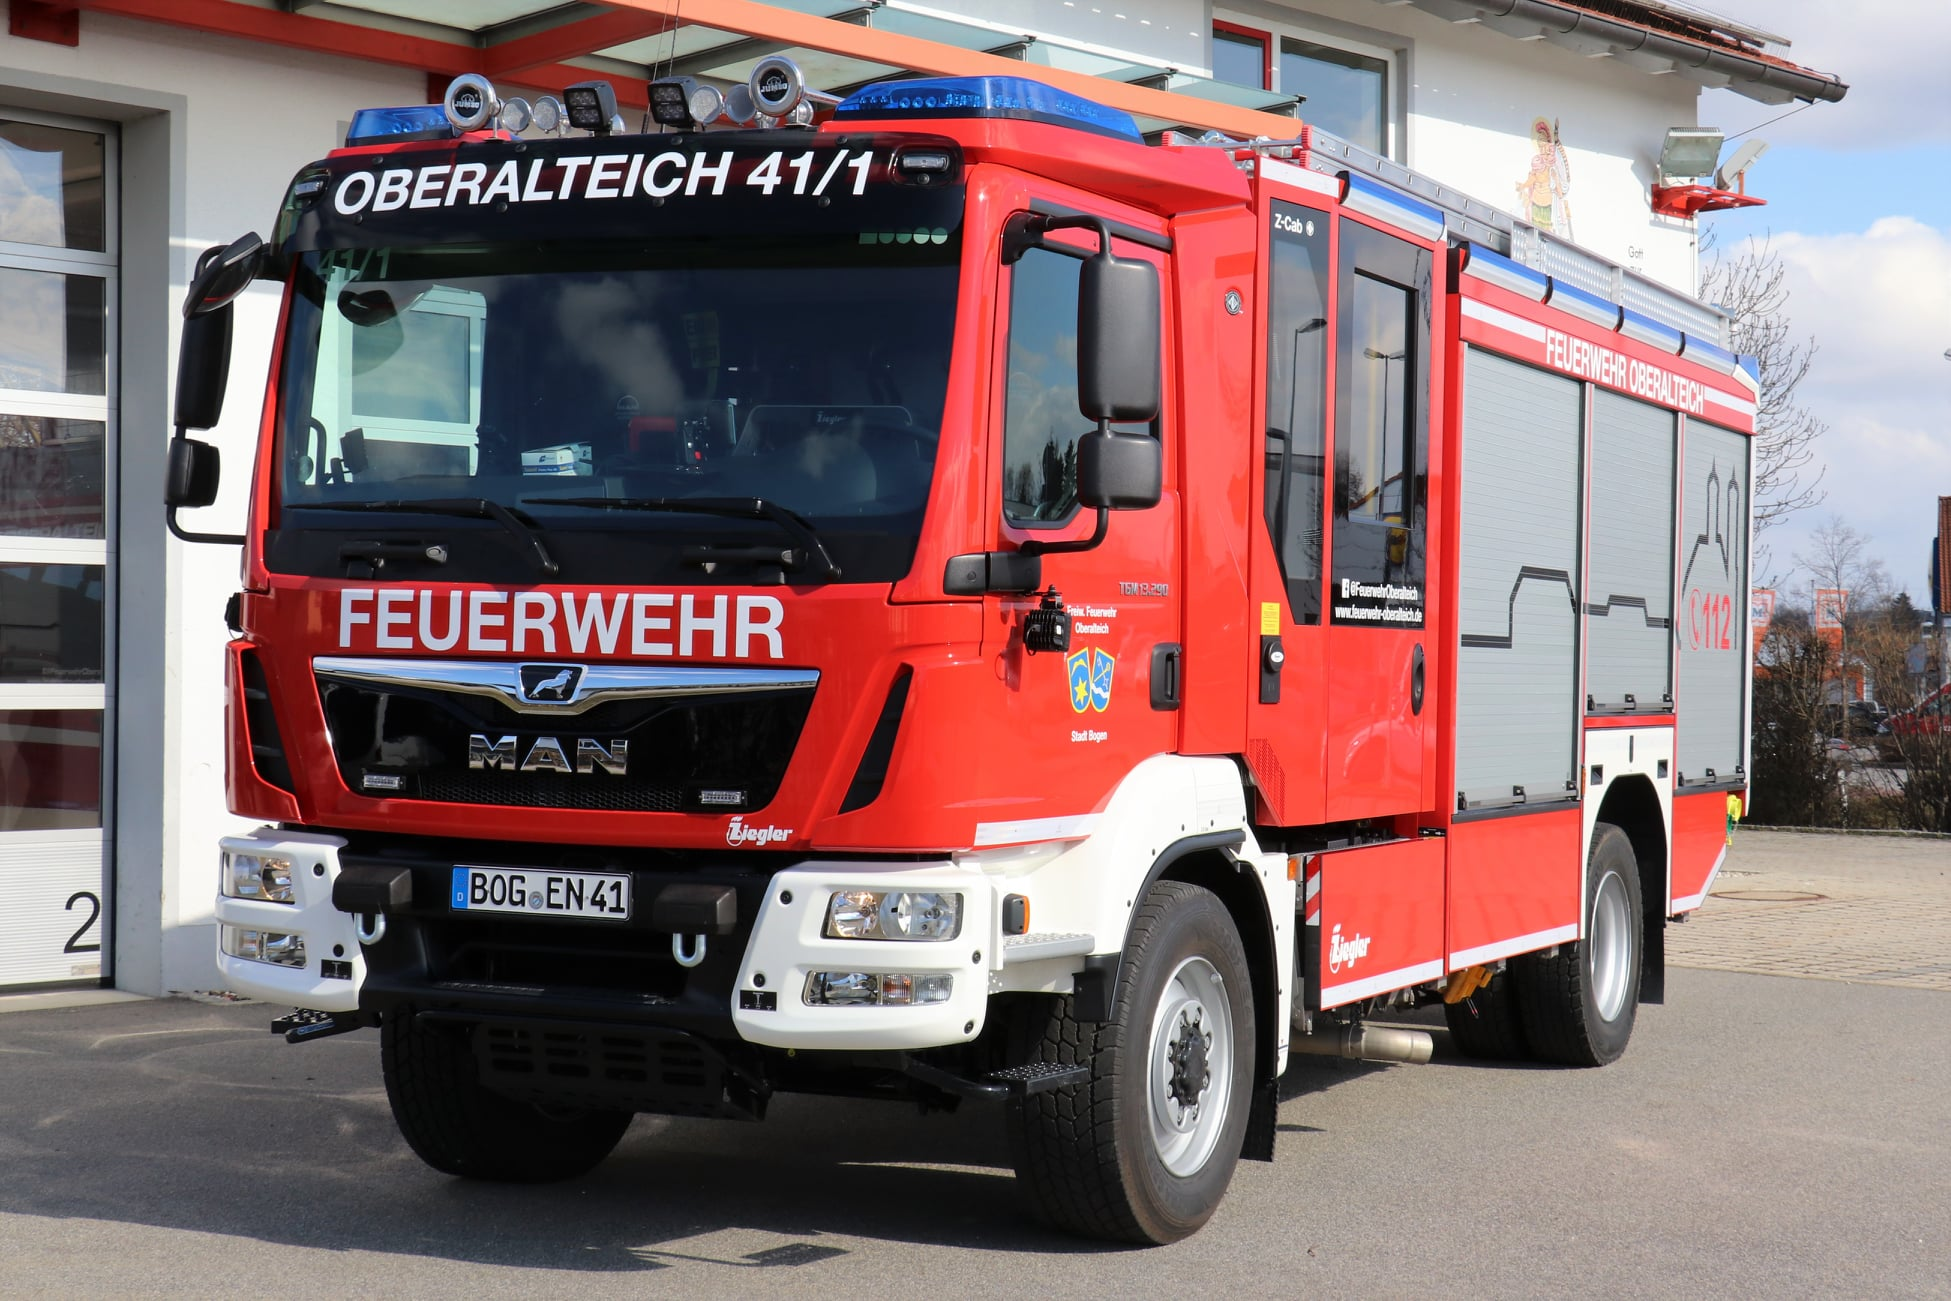 Löschgruppenfahrzeug 20 - Oberalteich 41/1